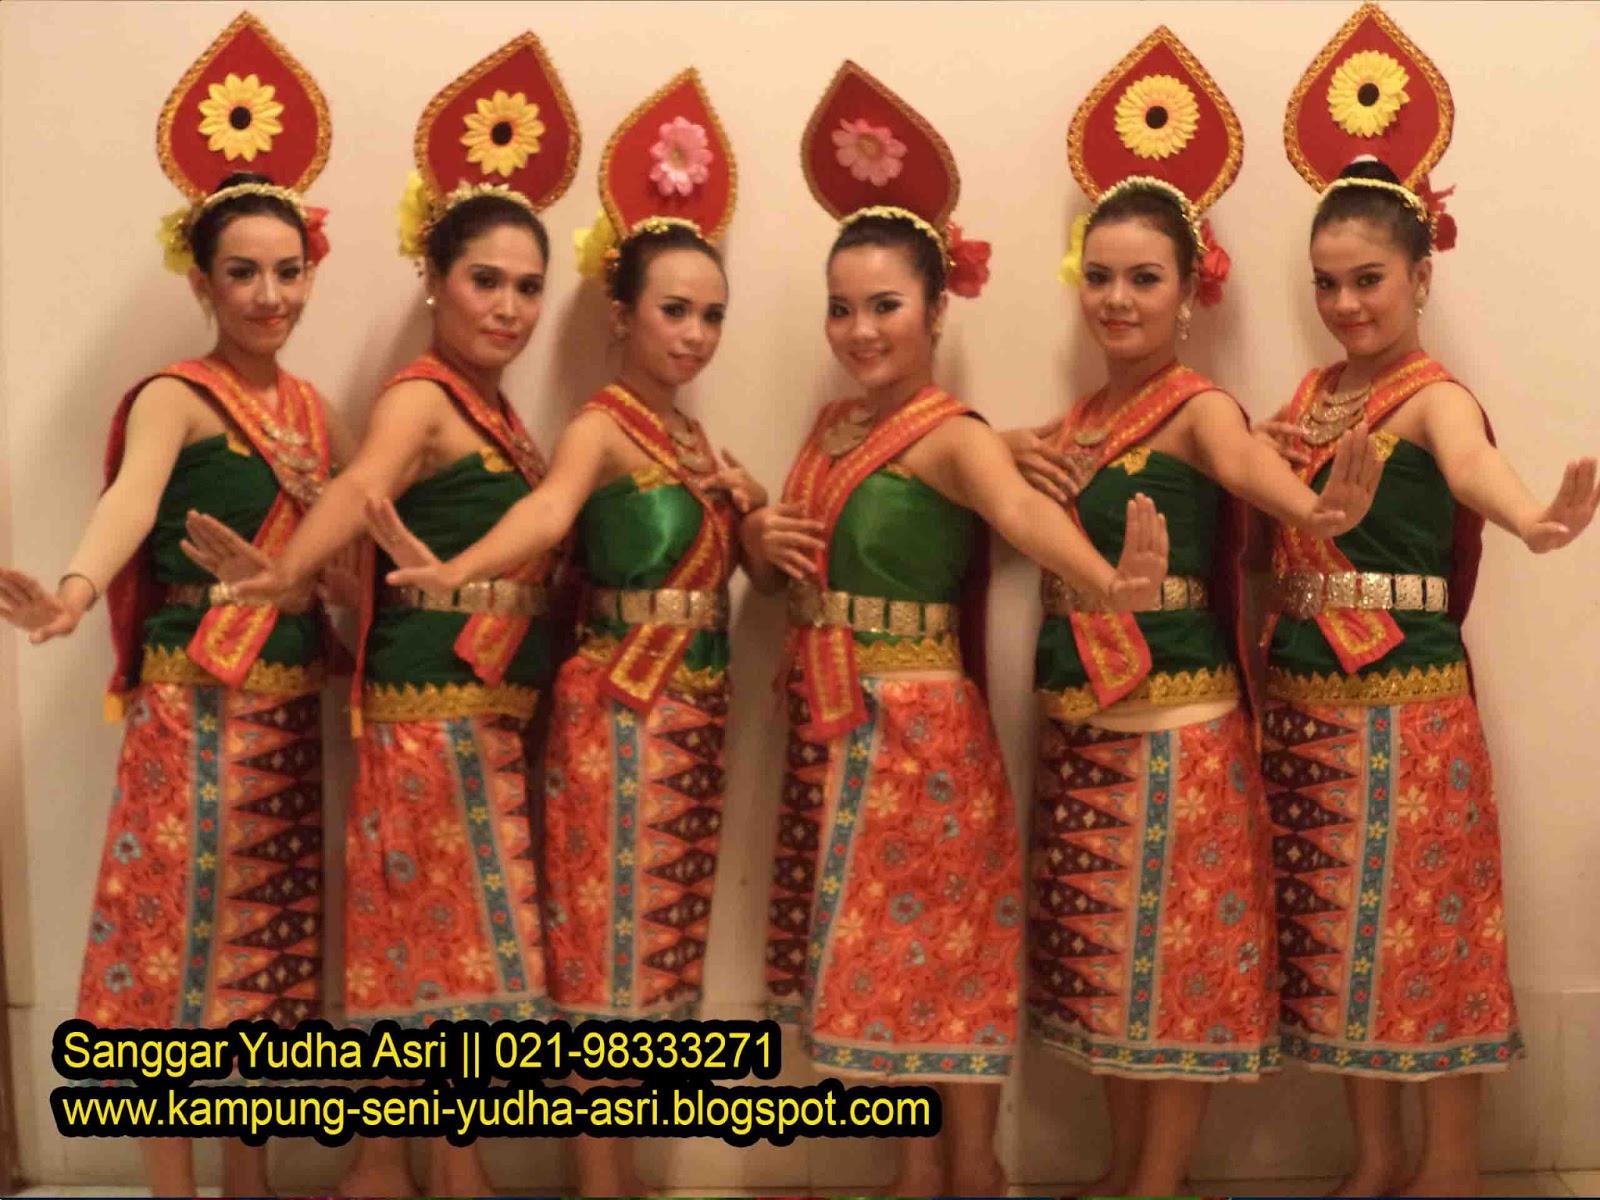 Sewa Baju Daerah Tari Tradisional Telp 021 98333271 087871527369 Kostum